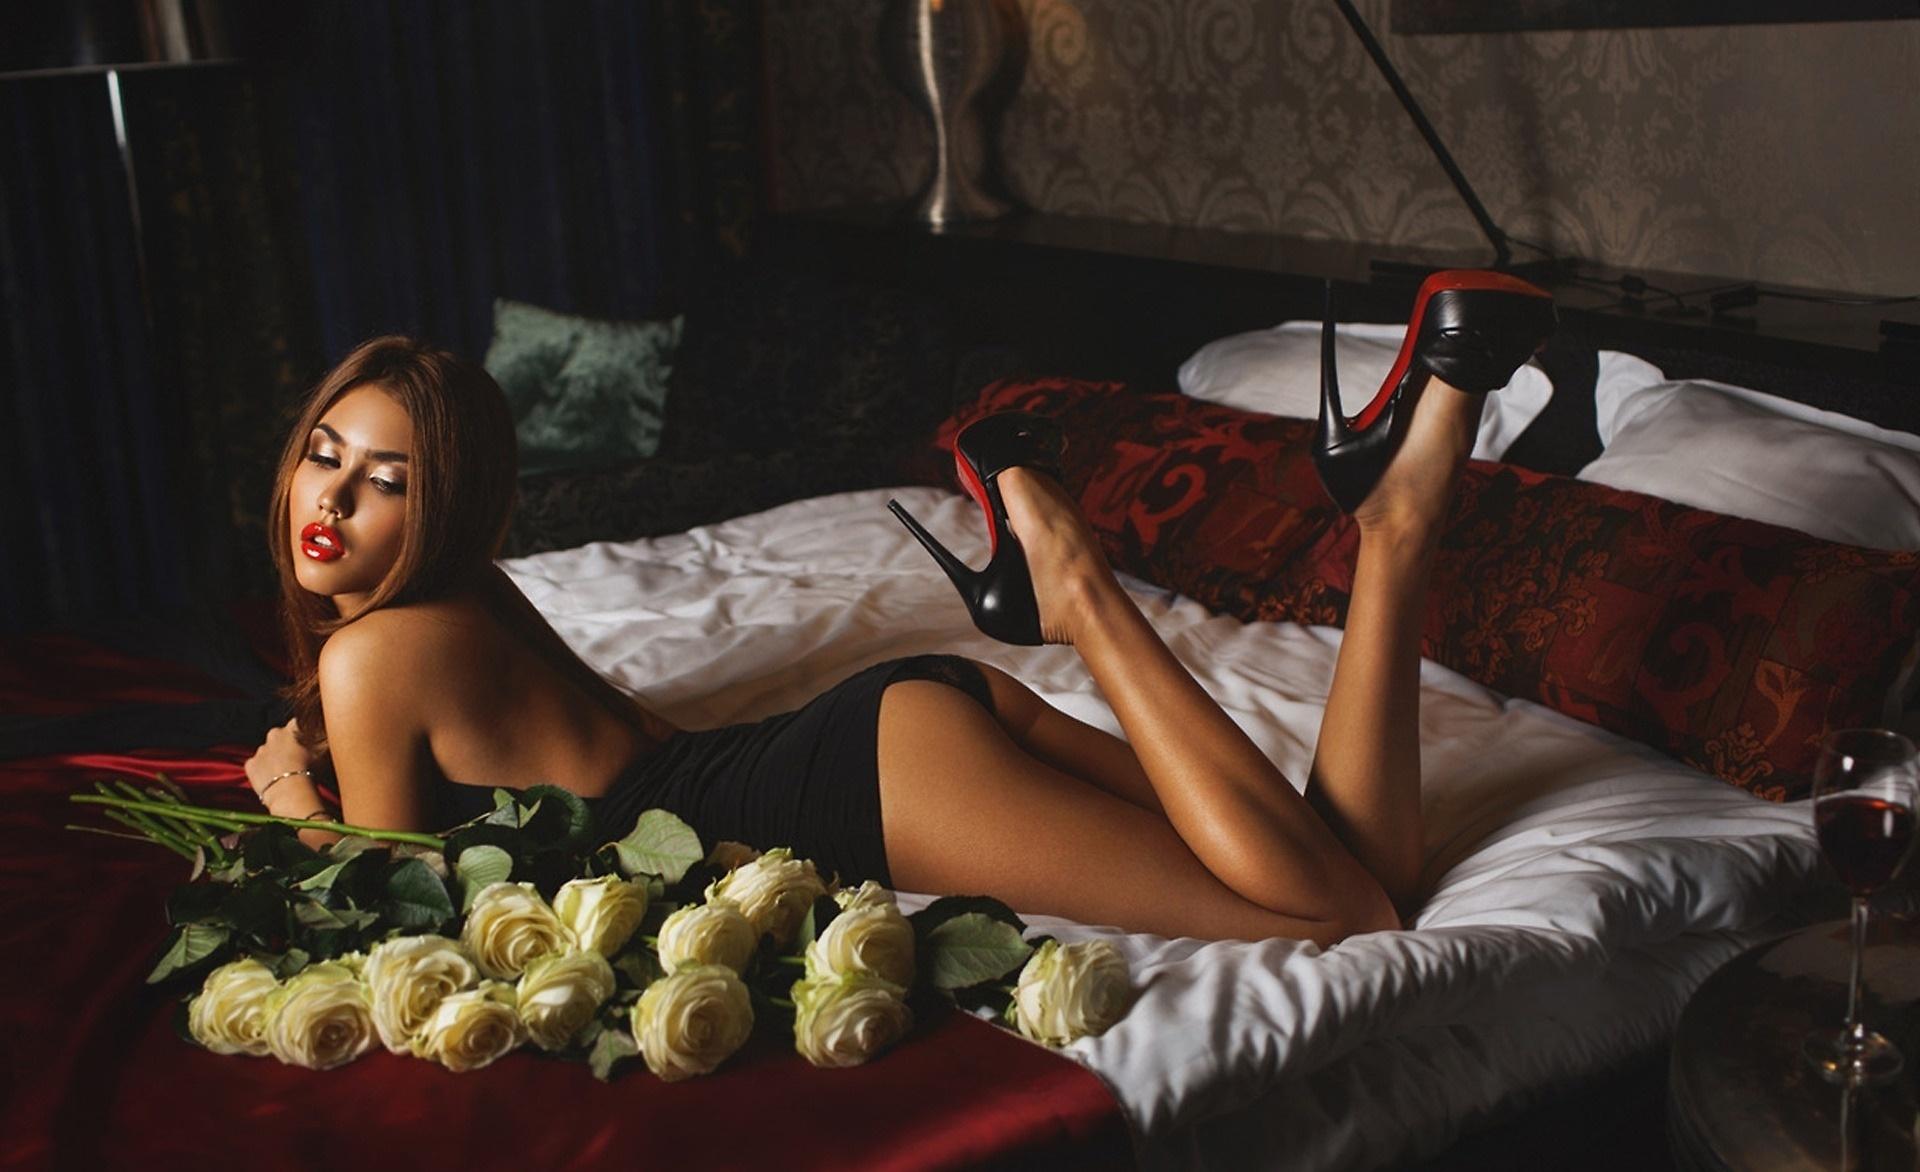 эротические картинки женщины с розами комнату бабушке